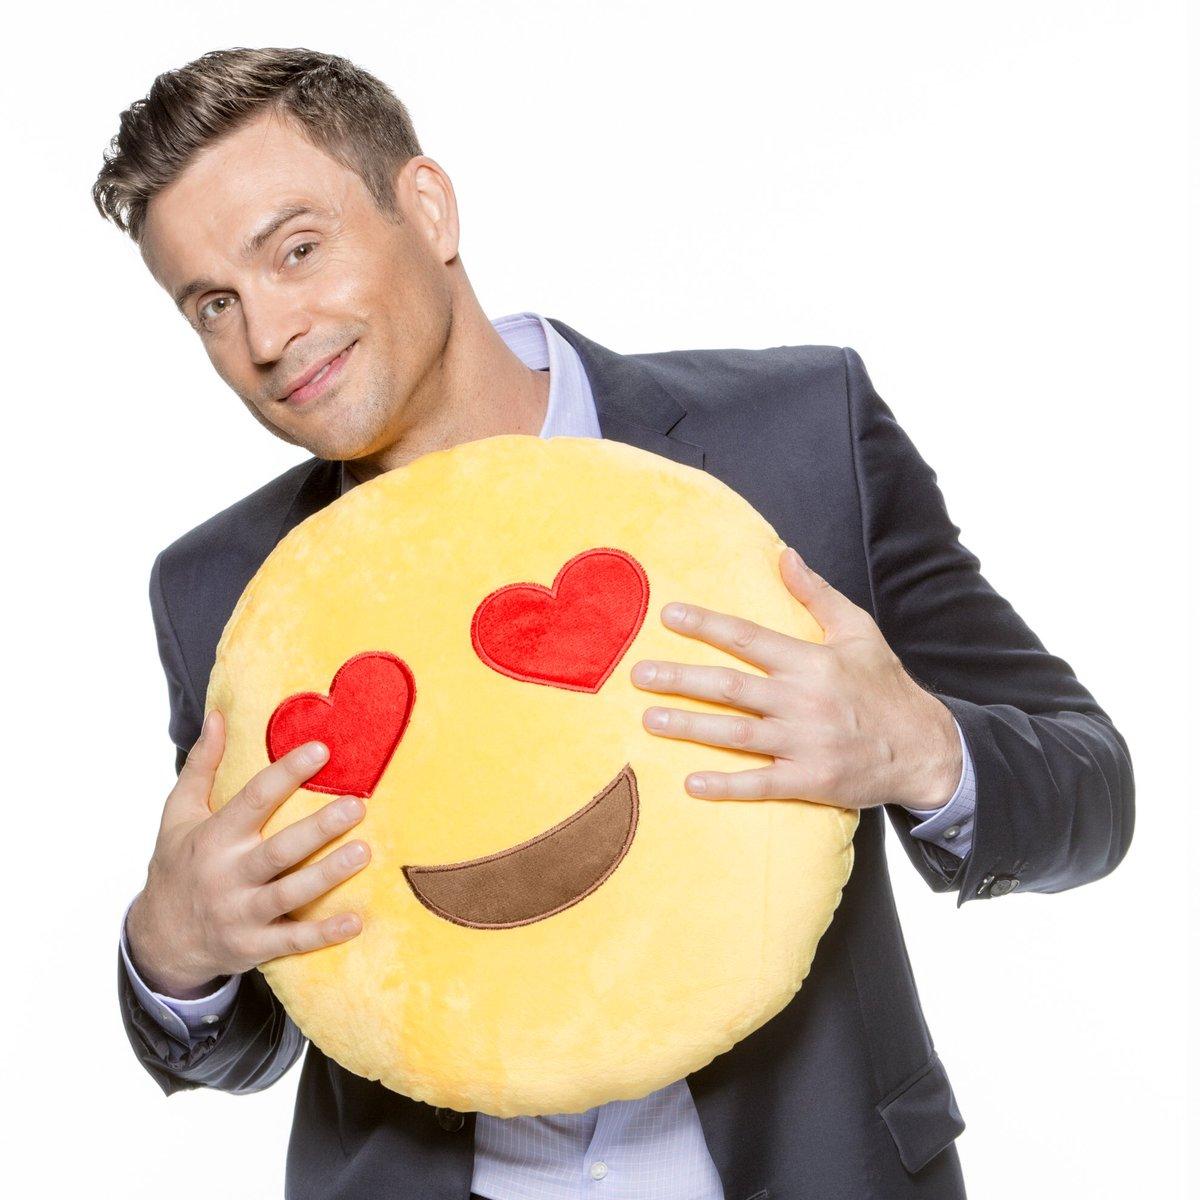 I've got nothing but ❤! What's ur emoji?...